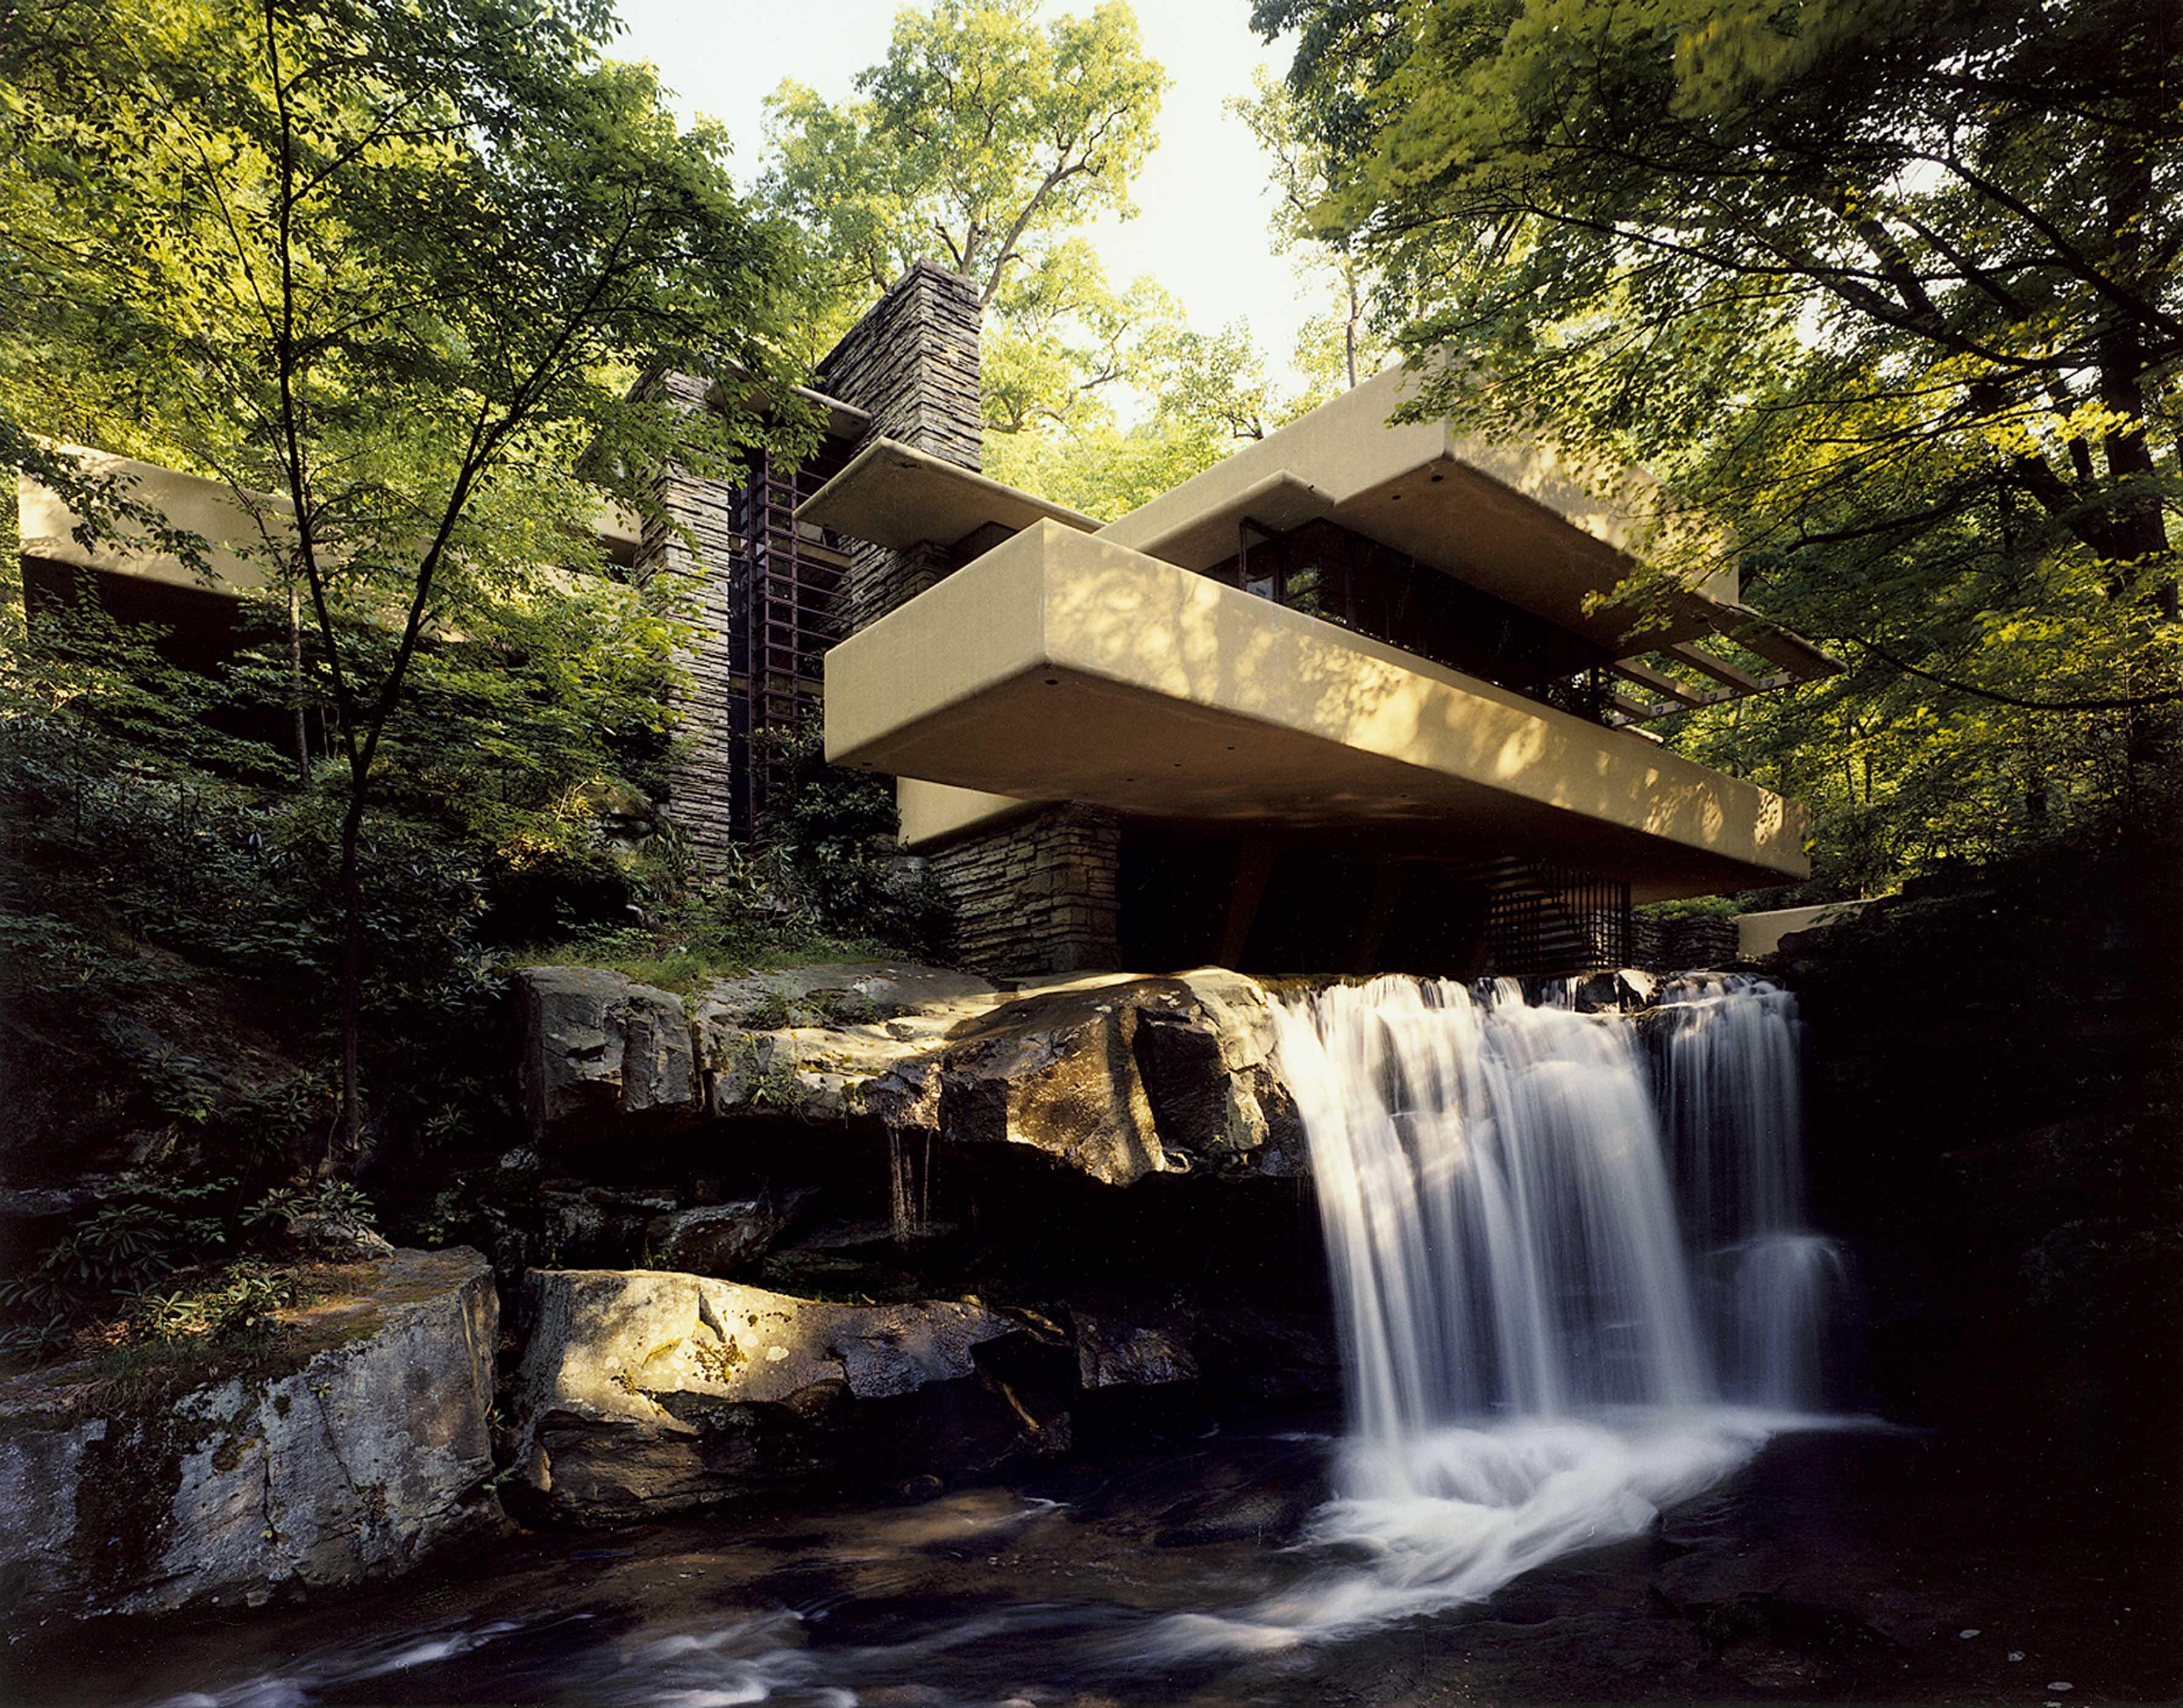 Maison sur la cascade 1936 39 pensylvanie architecte frank lloyd wright